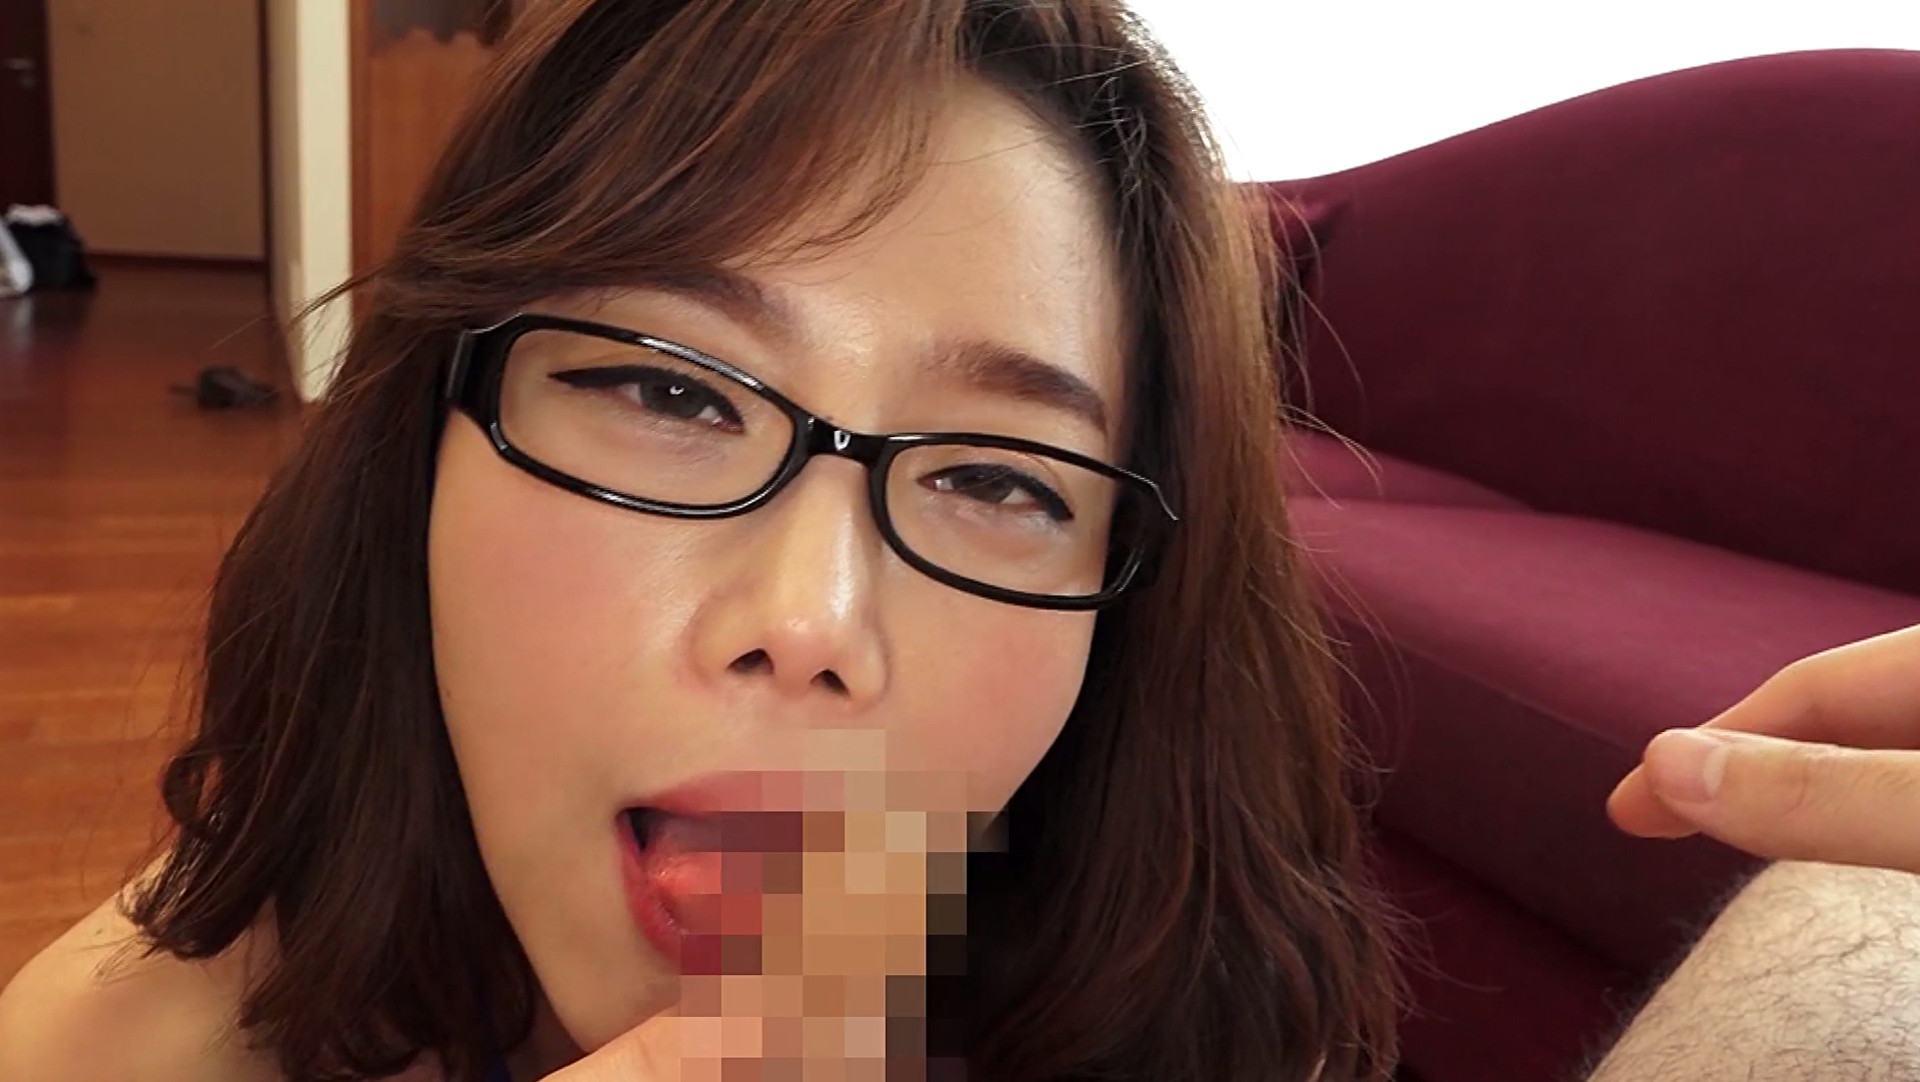 韓国美女のチェリンちゃんがカメラ目線でフェラをしている画像